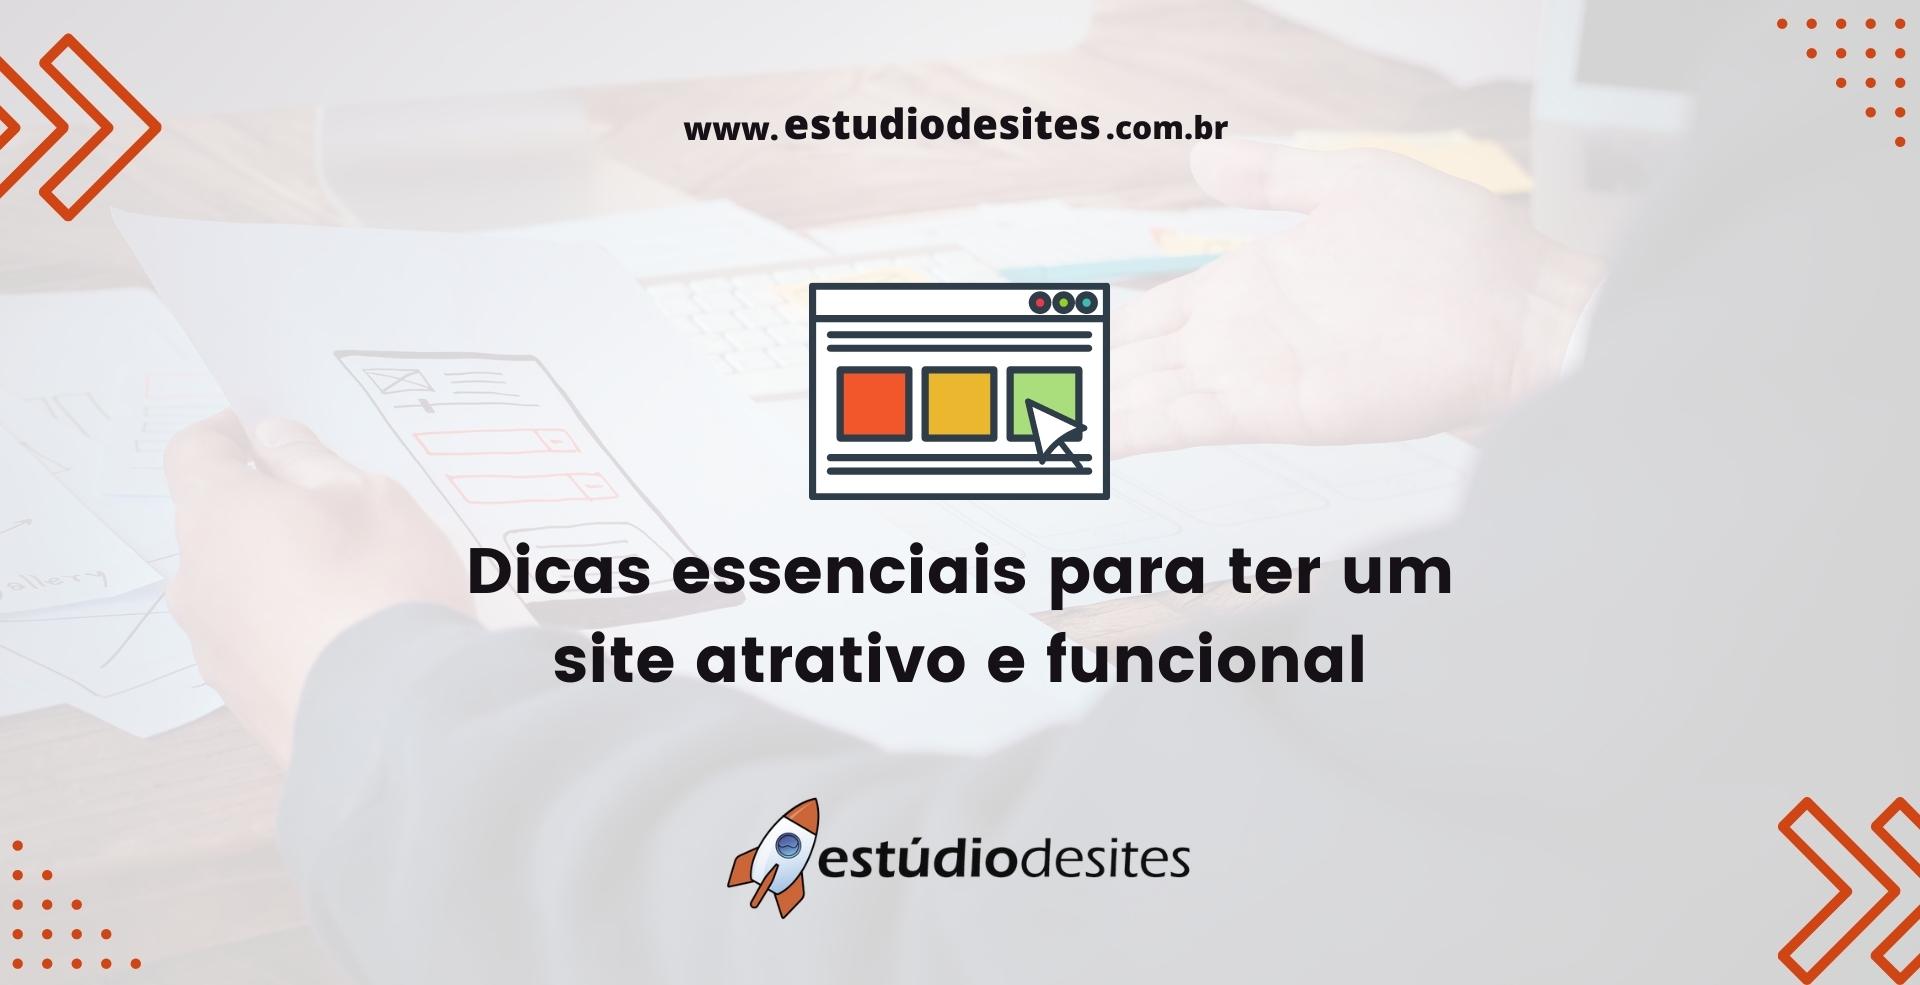 Dicas essenciais para ter um site atrativo e funcional